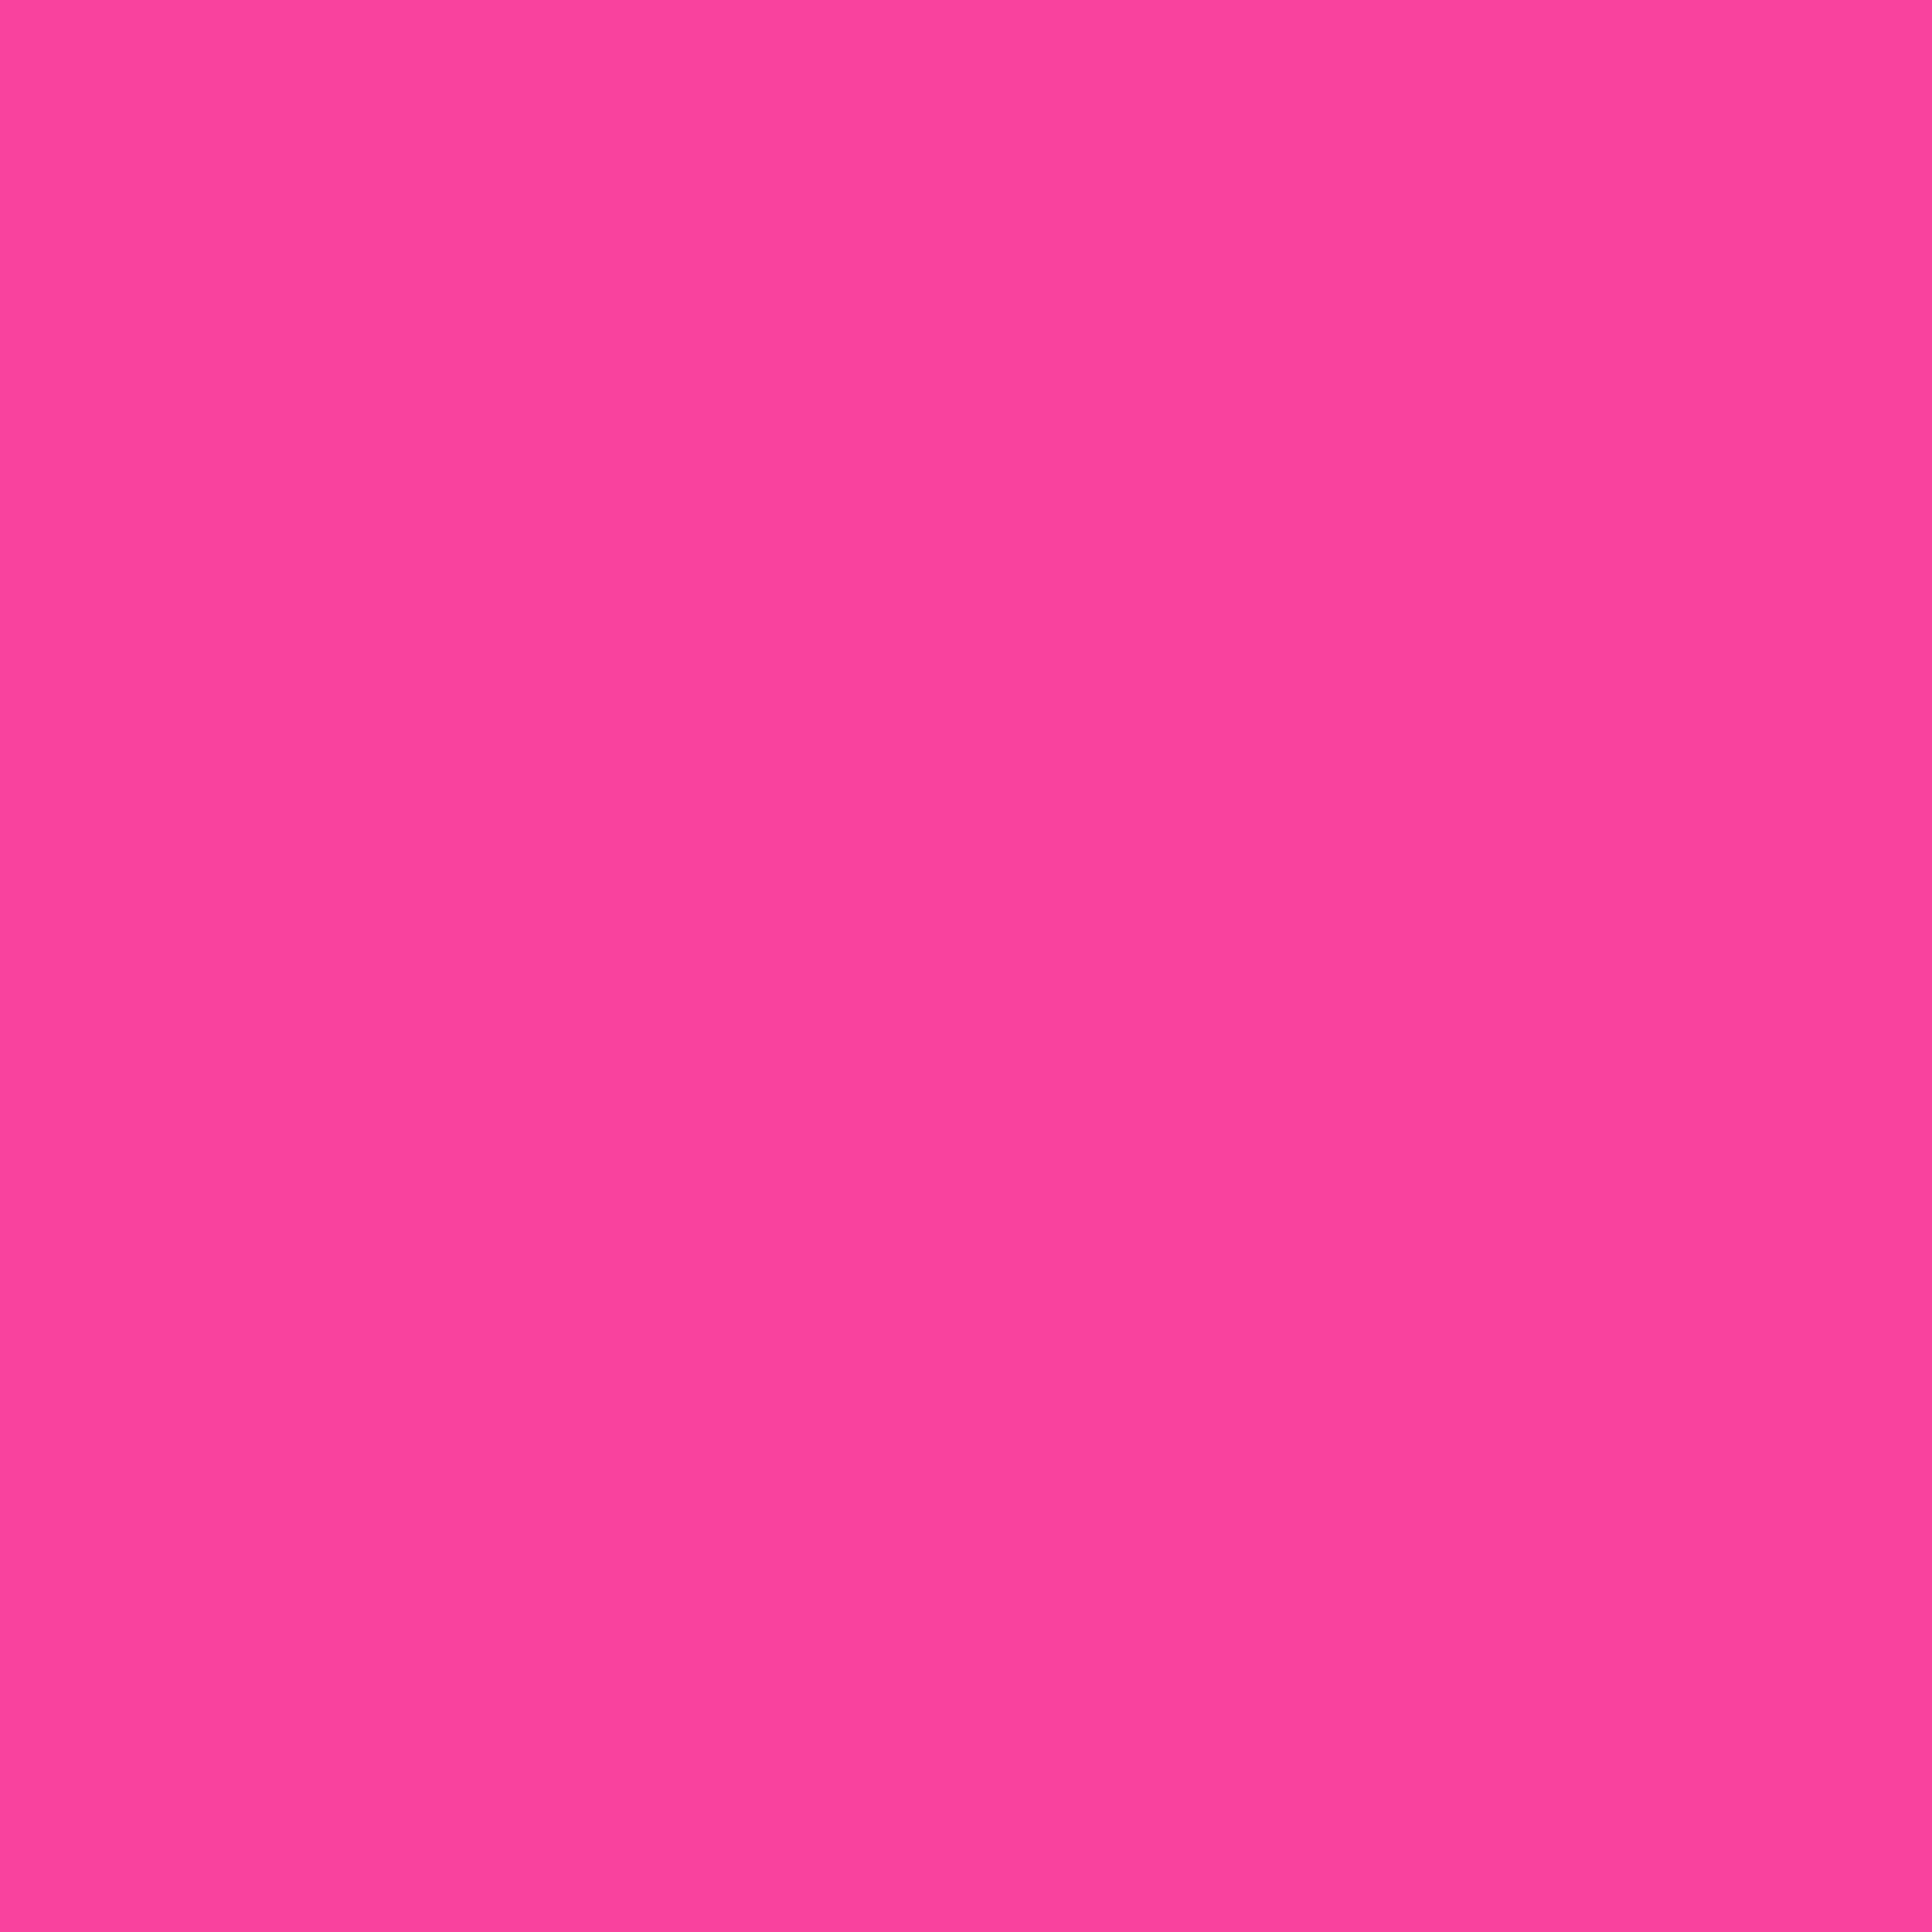 3600x3600 Rose Bonbon Solid Color Background